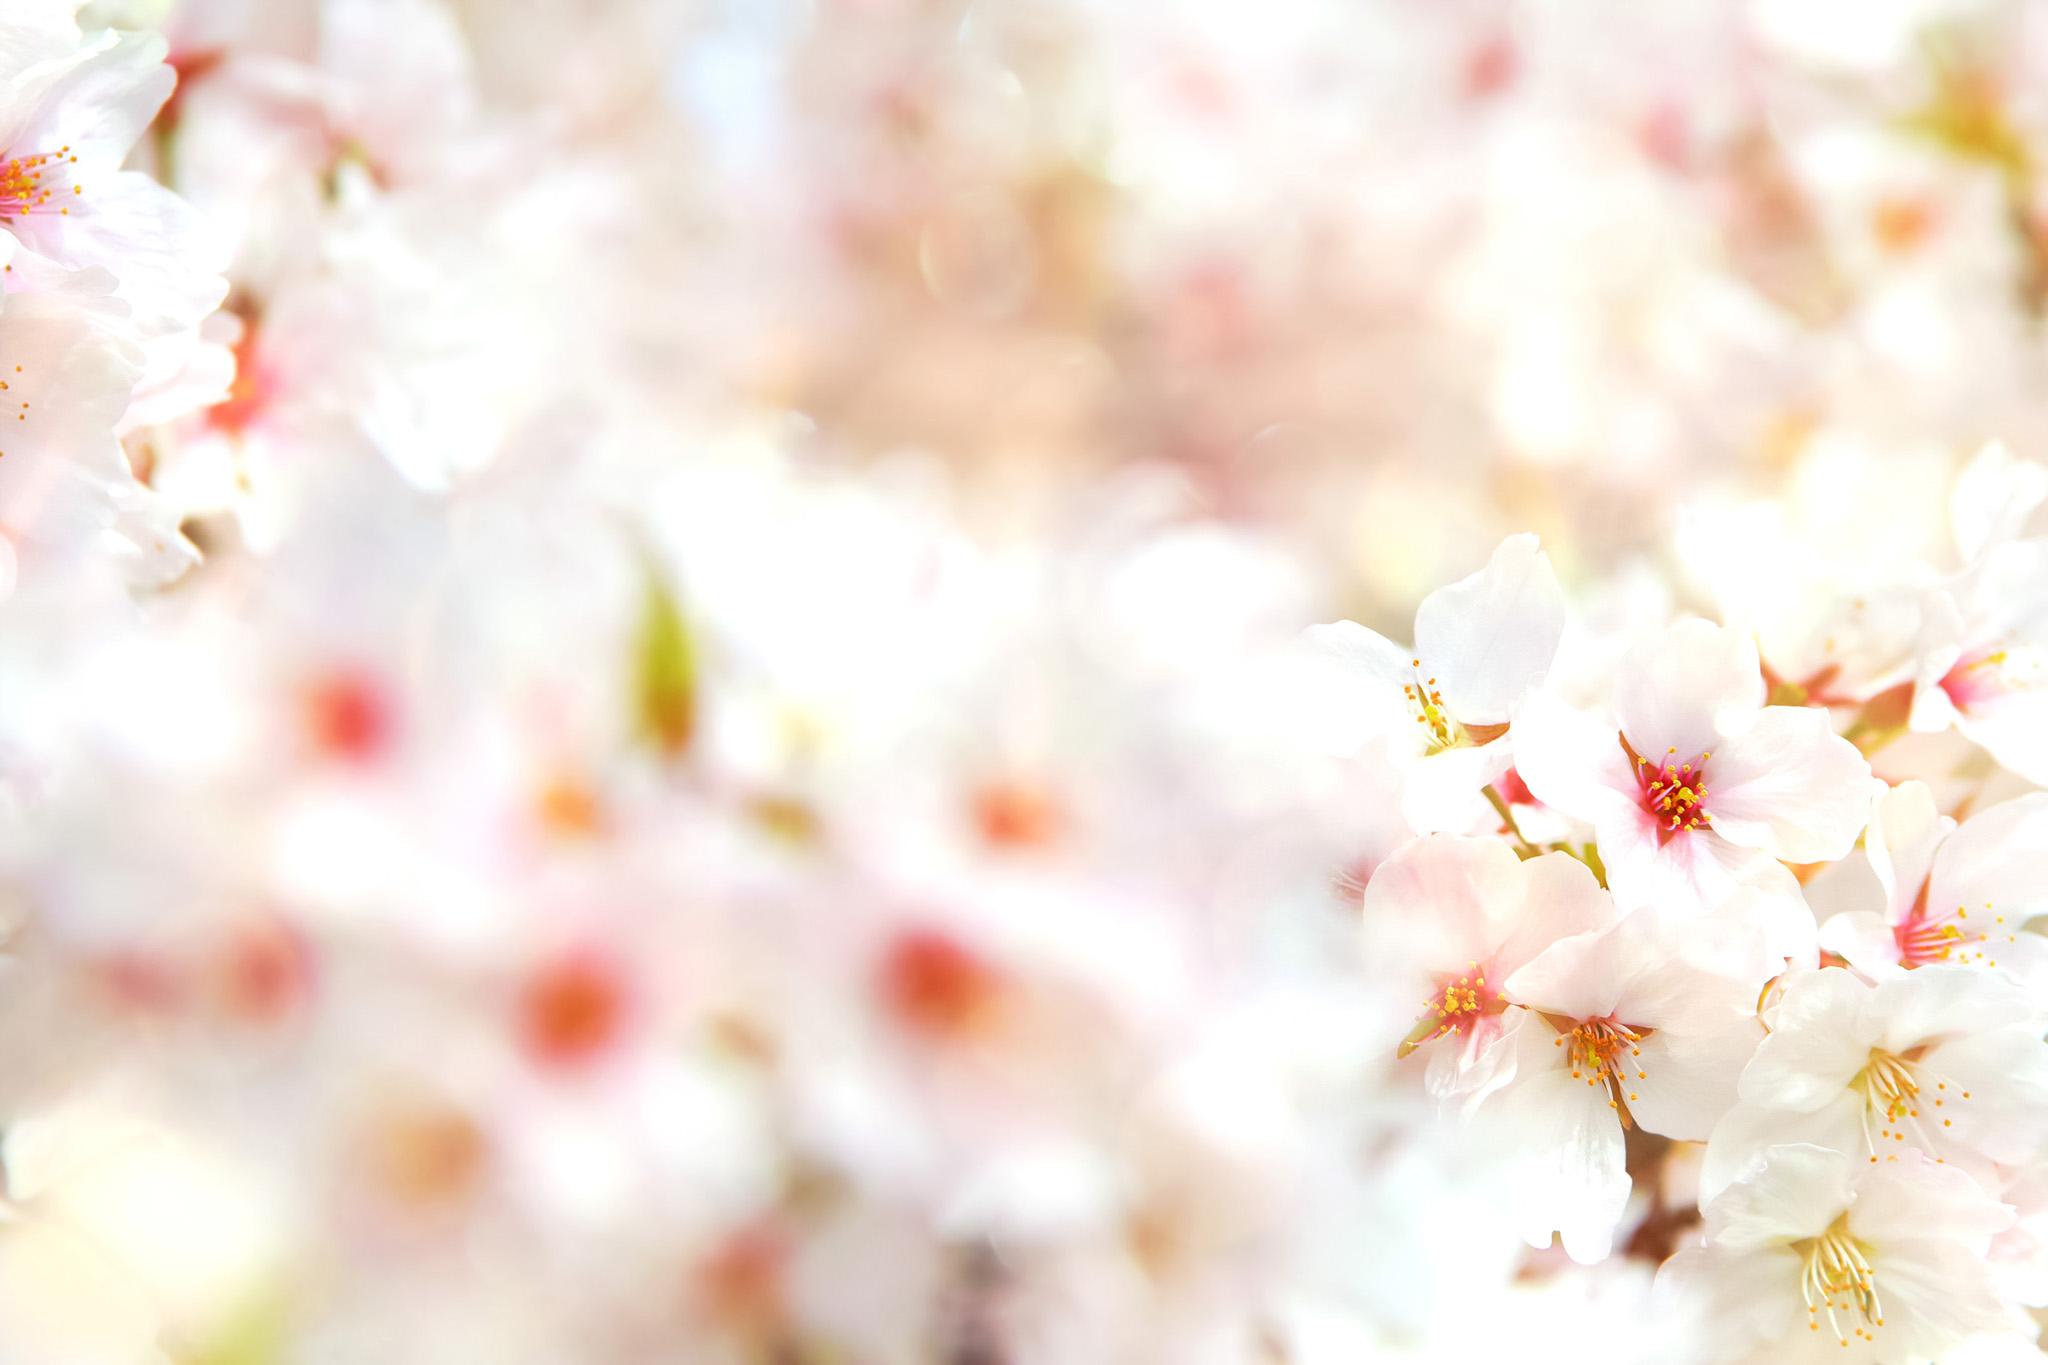 「白い桜の花びら」の背景を無料ダウンロード